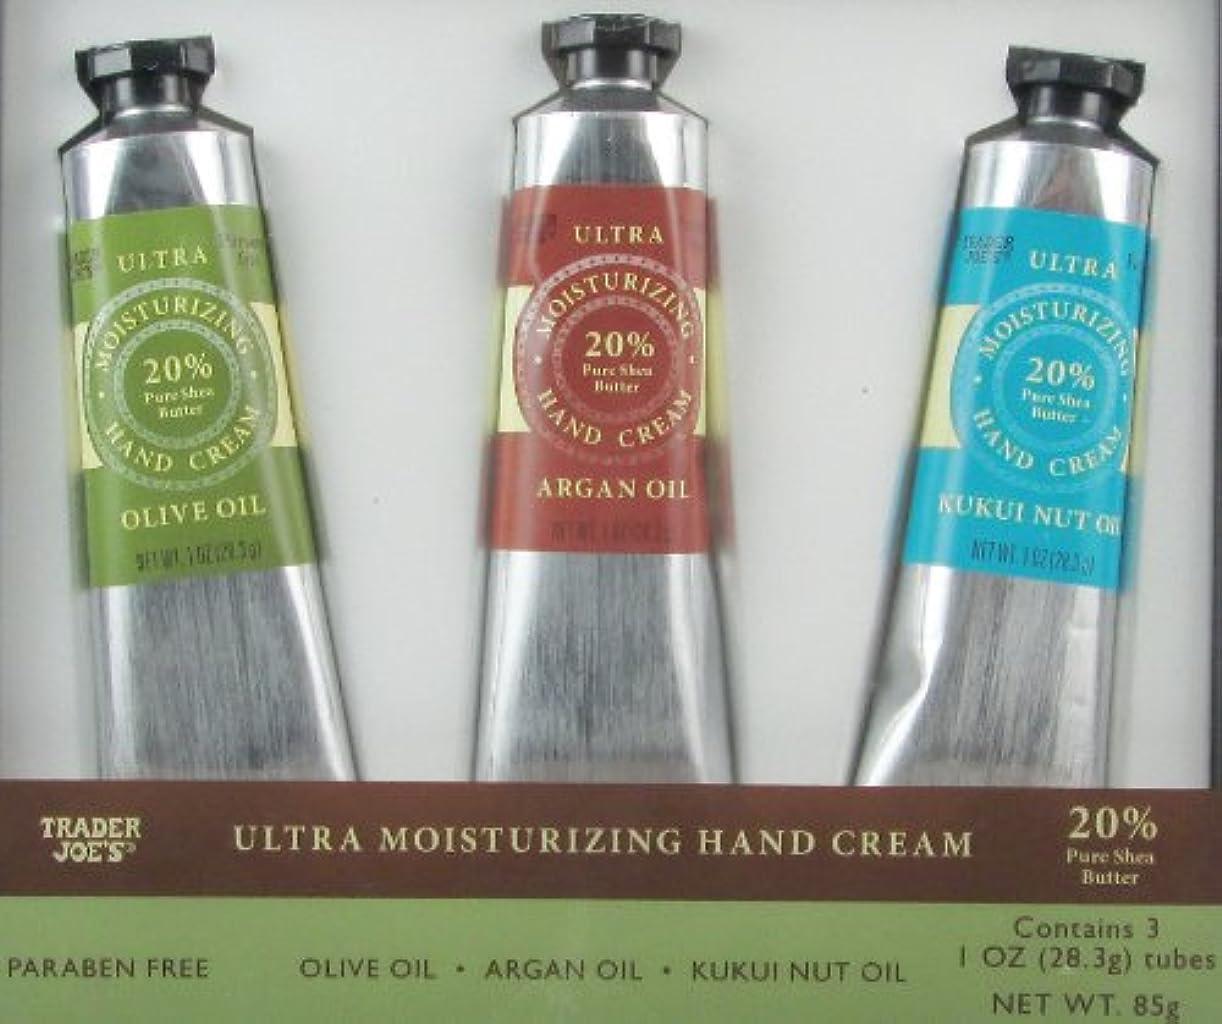 おびえた野な緩むトレーダージョーズ ウルトラ モイスチャライジング ハンドクリーム 3種類 ギフトセット Trader Joe's Moisturizing Hand Cream Trio Olive Oil, Argan Oil, Kukui...